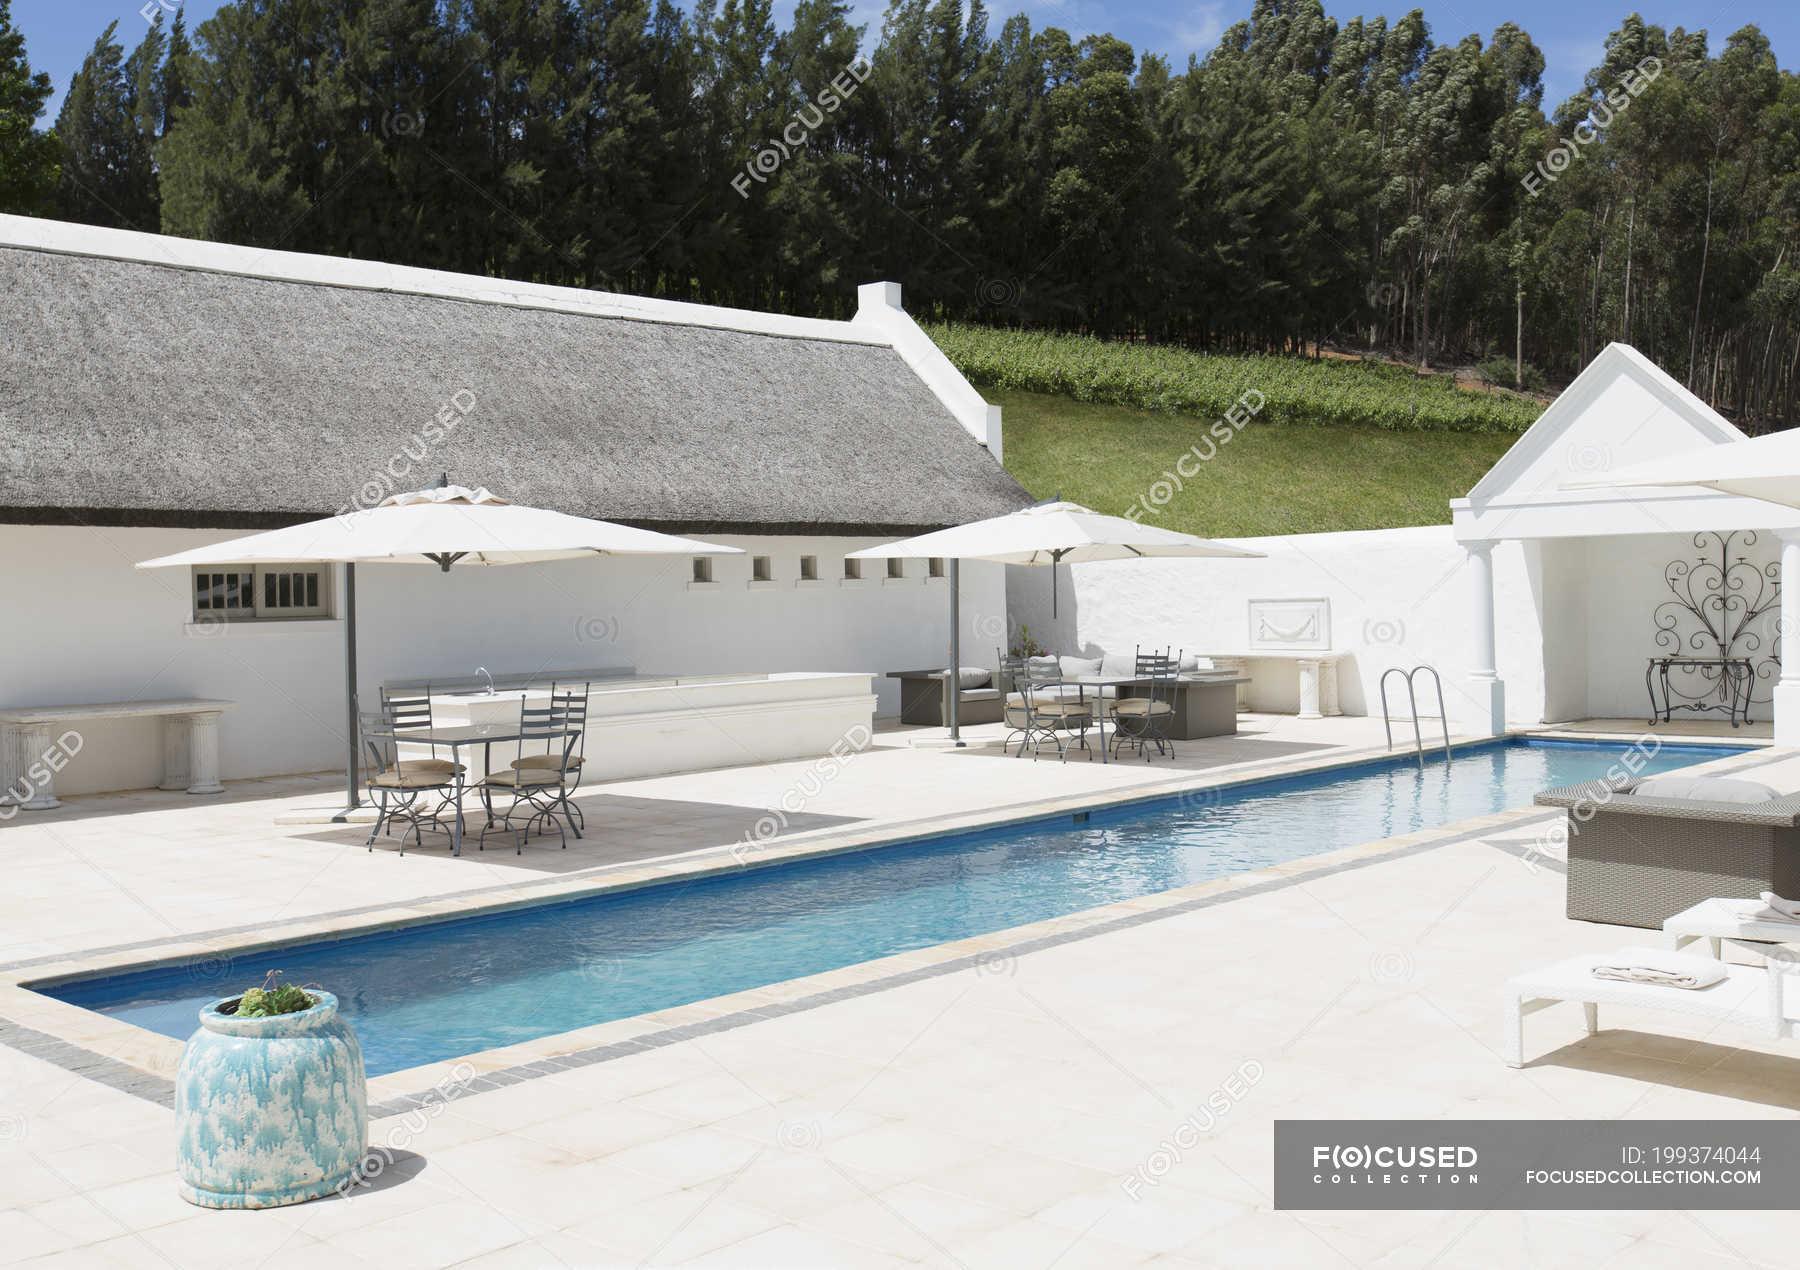 Piscine de luxe l ext rieur pendant la journ e photo for Journee piscine